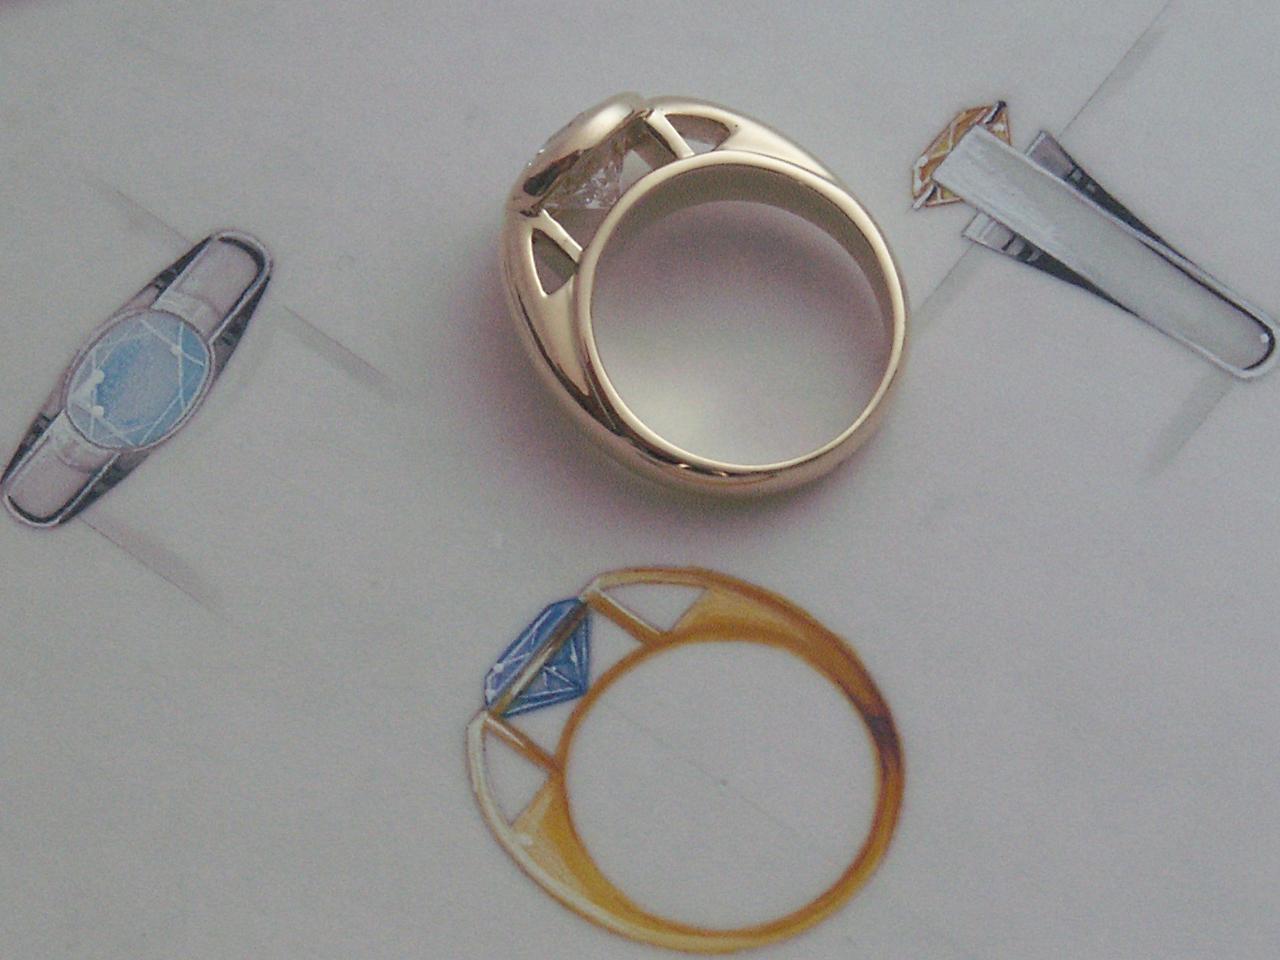 Bague Pythagore - Or jaune et diamant 2,43 carats - Gouaché au service d'une joaillerie moderne et classique